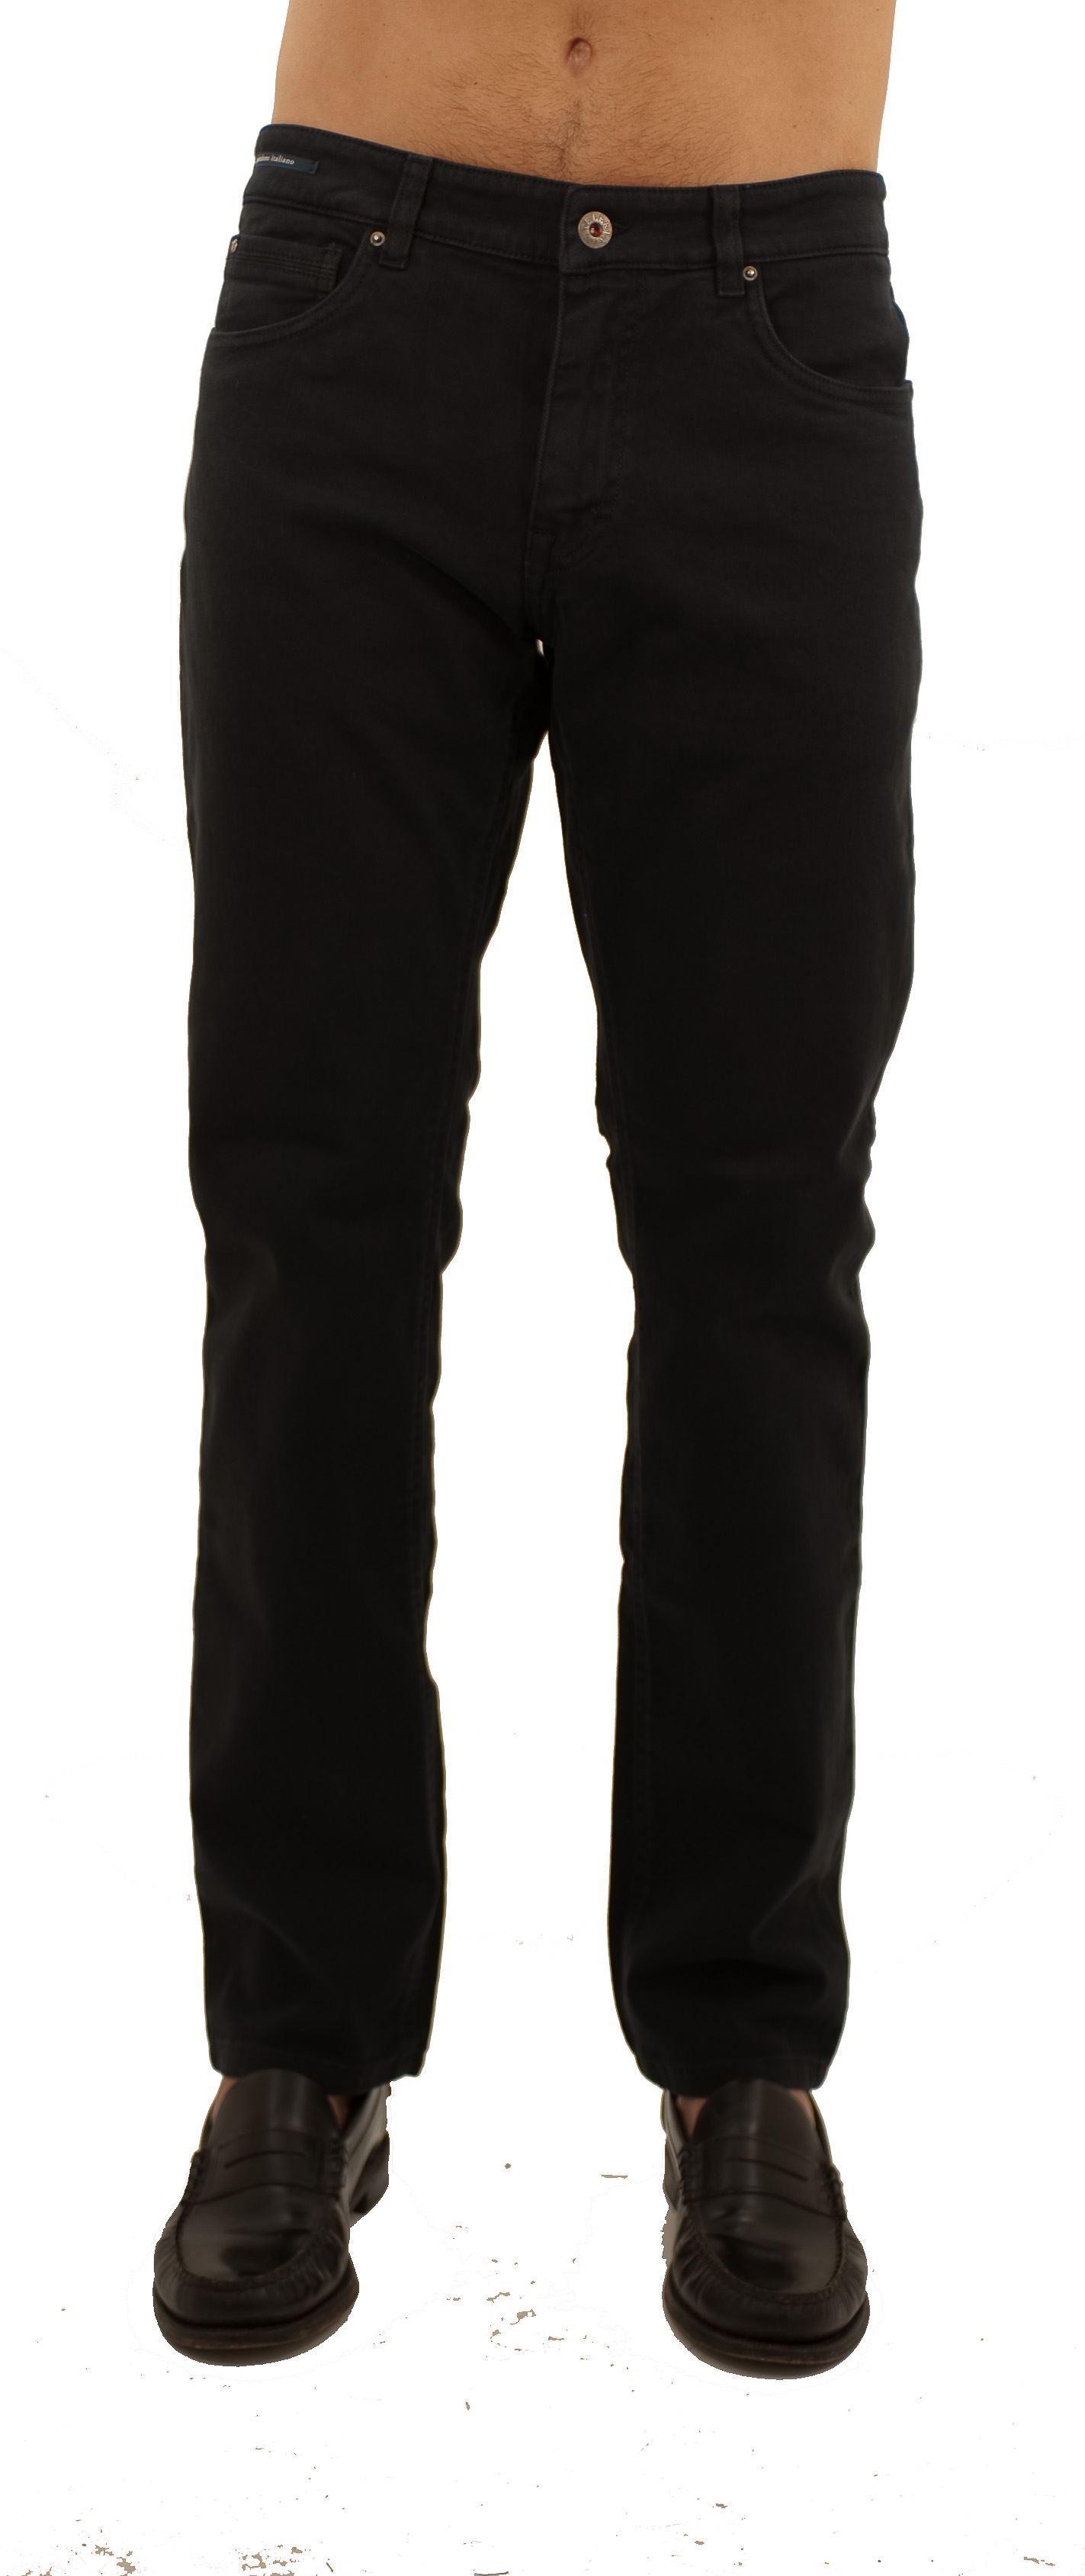 Immagine di Pantalone gabardine di cotone 5 tasche